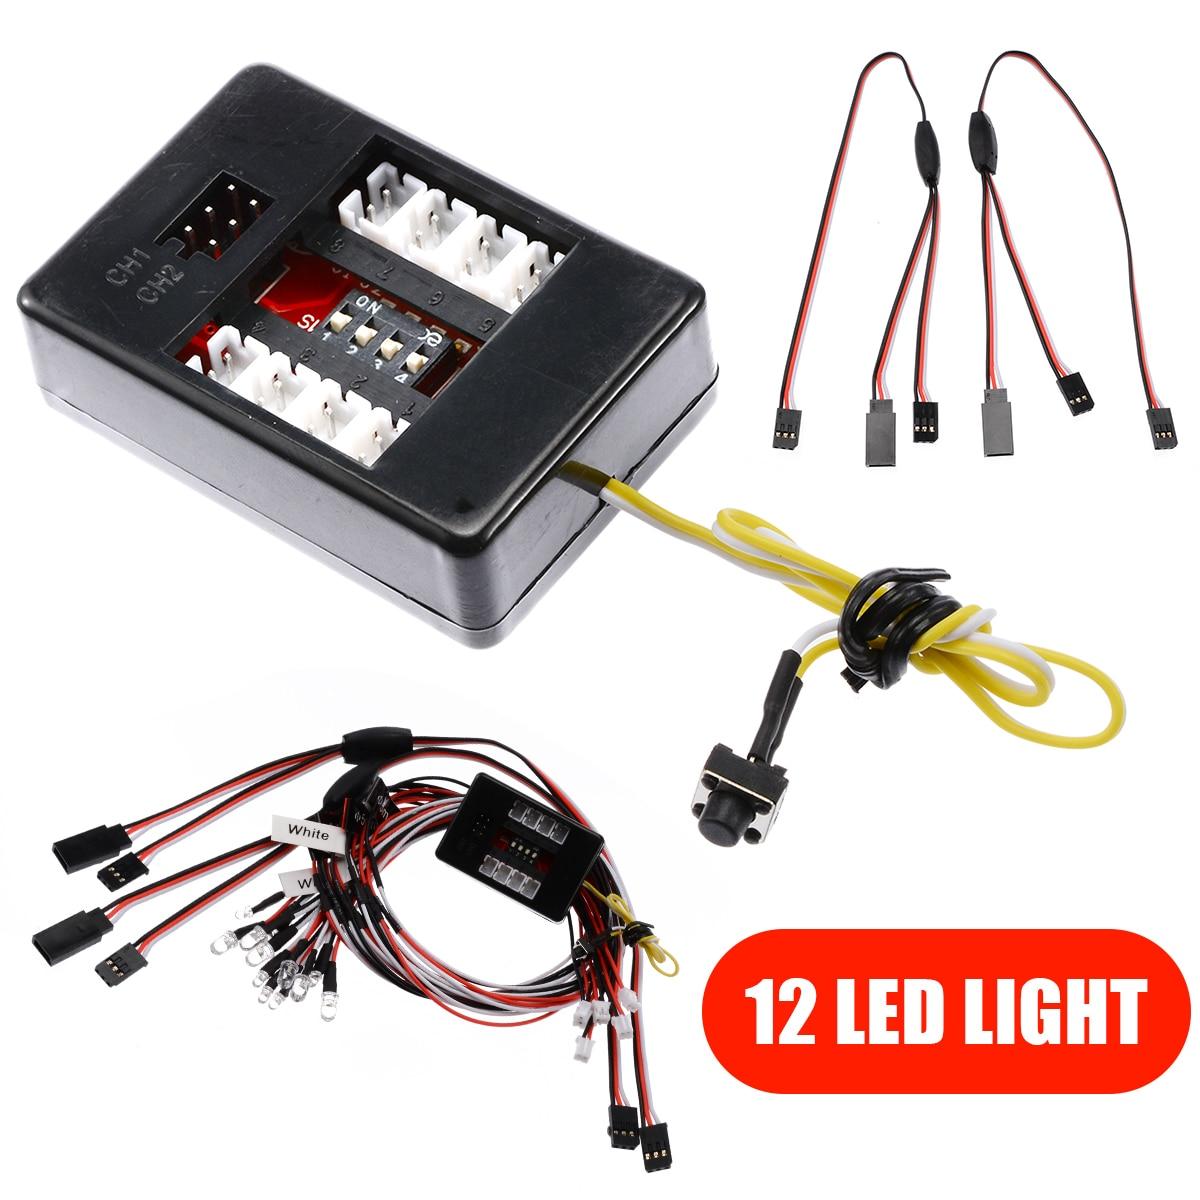 12Pcs/set LED Light Lighting Kit Simulation Flash Lights 3-7V RC Car Light Set Headlight Taillight For 1/10 RC Car Truck enlarge